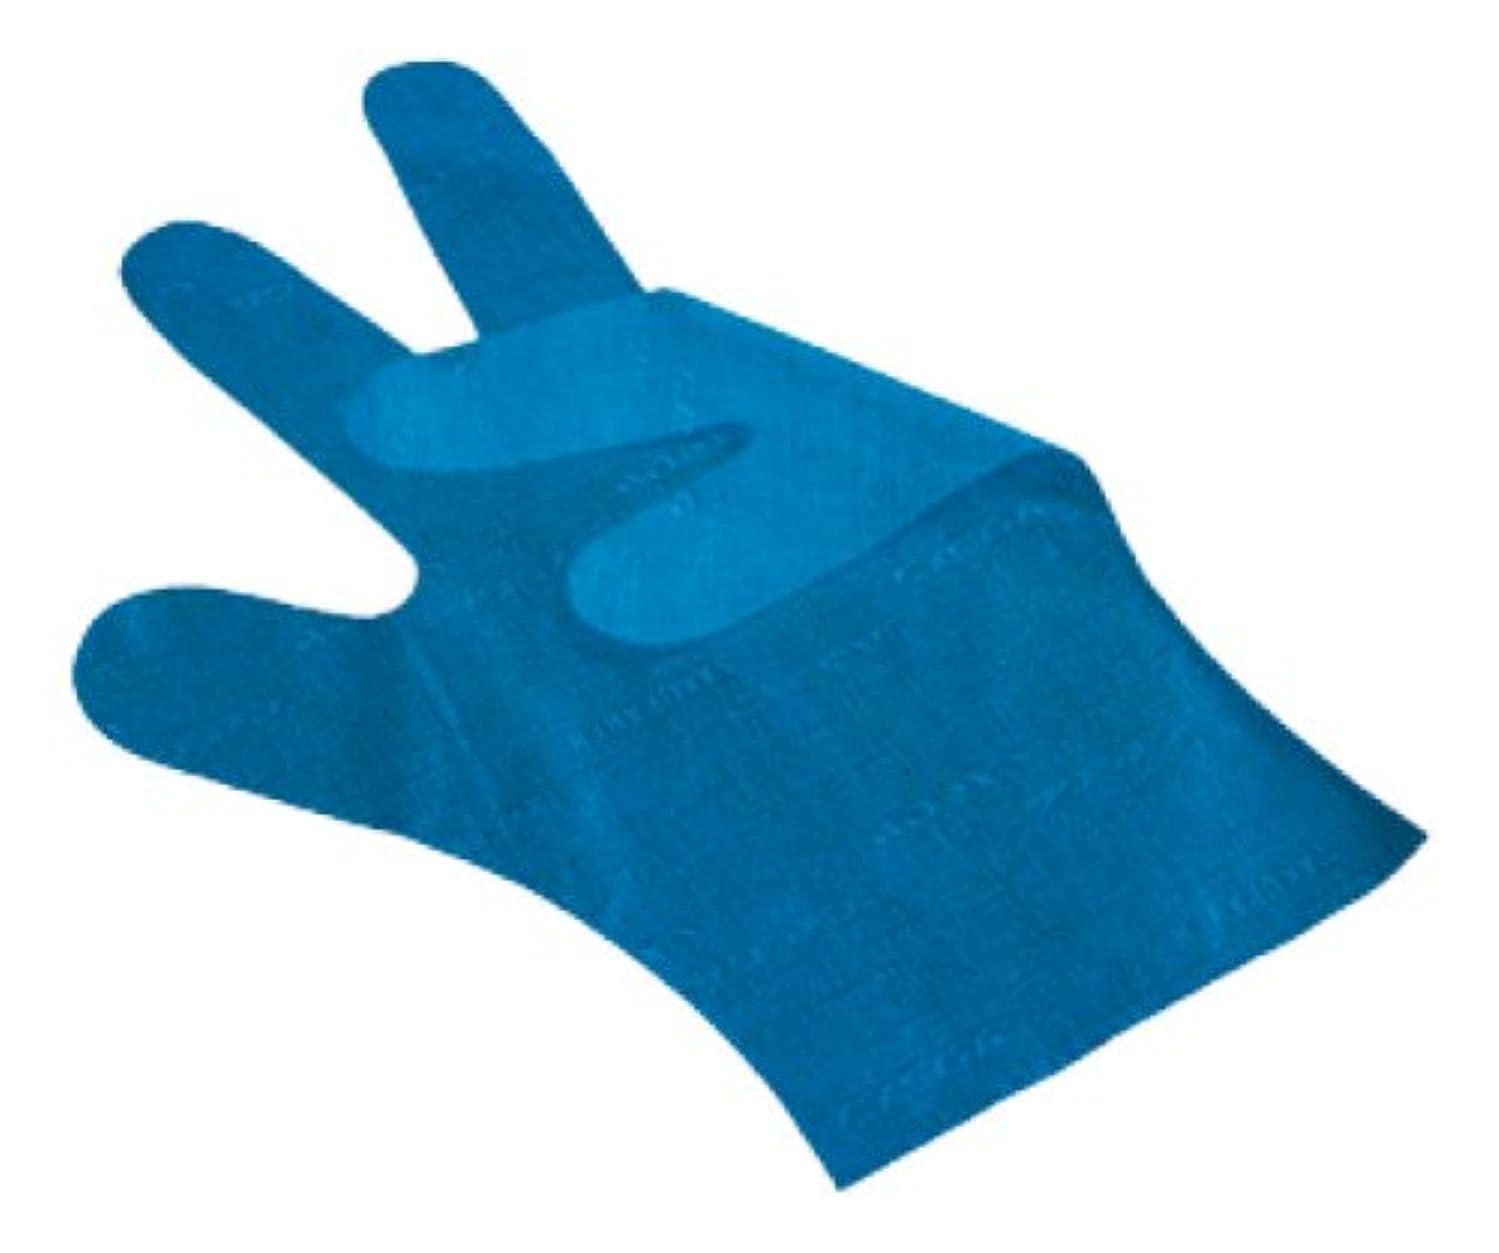 かりて花婿残基サクラメン手袋 デラックス(100枚入)S ブルー 35μ